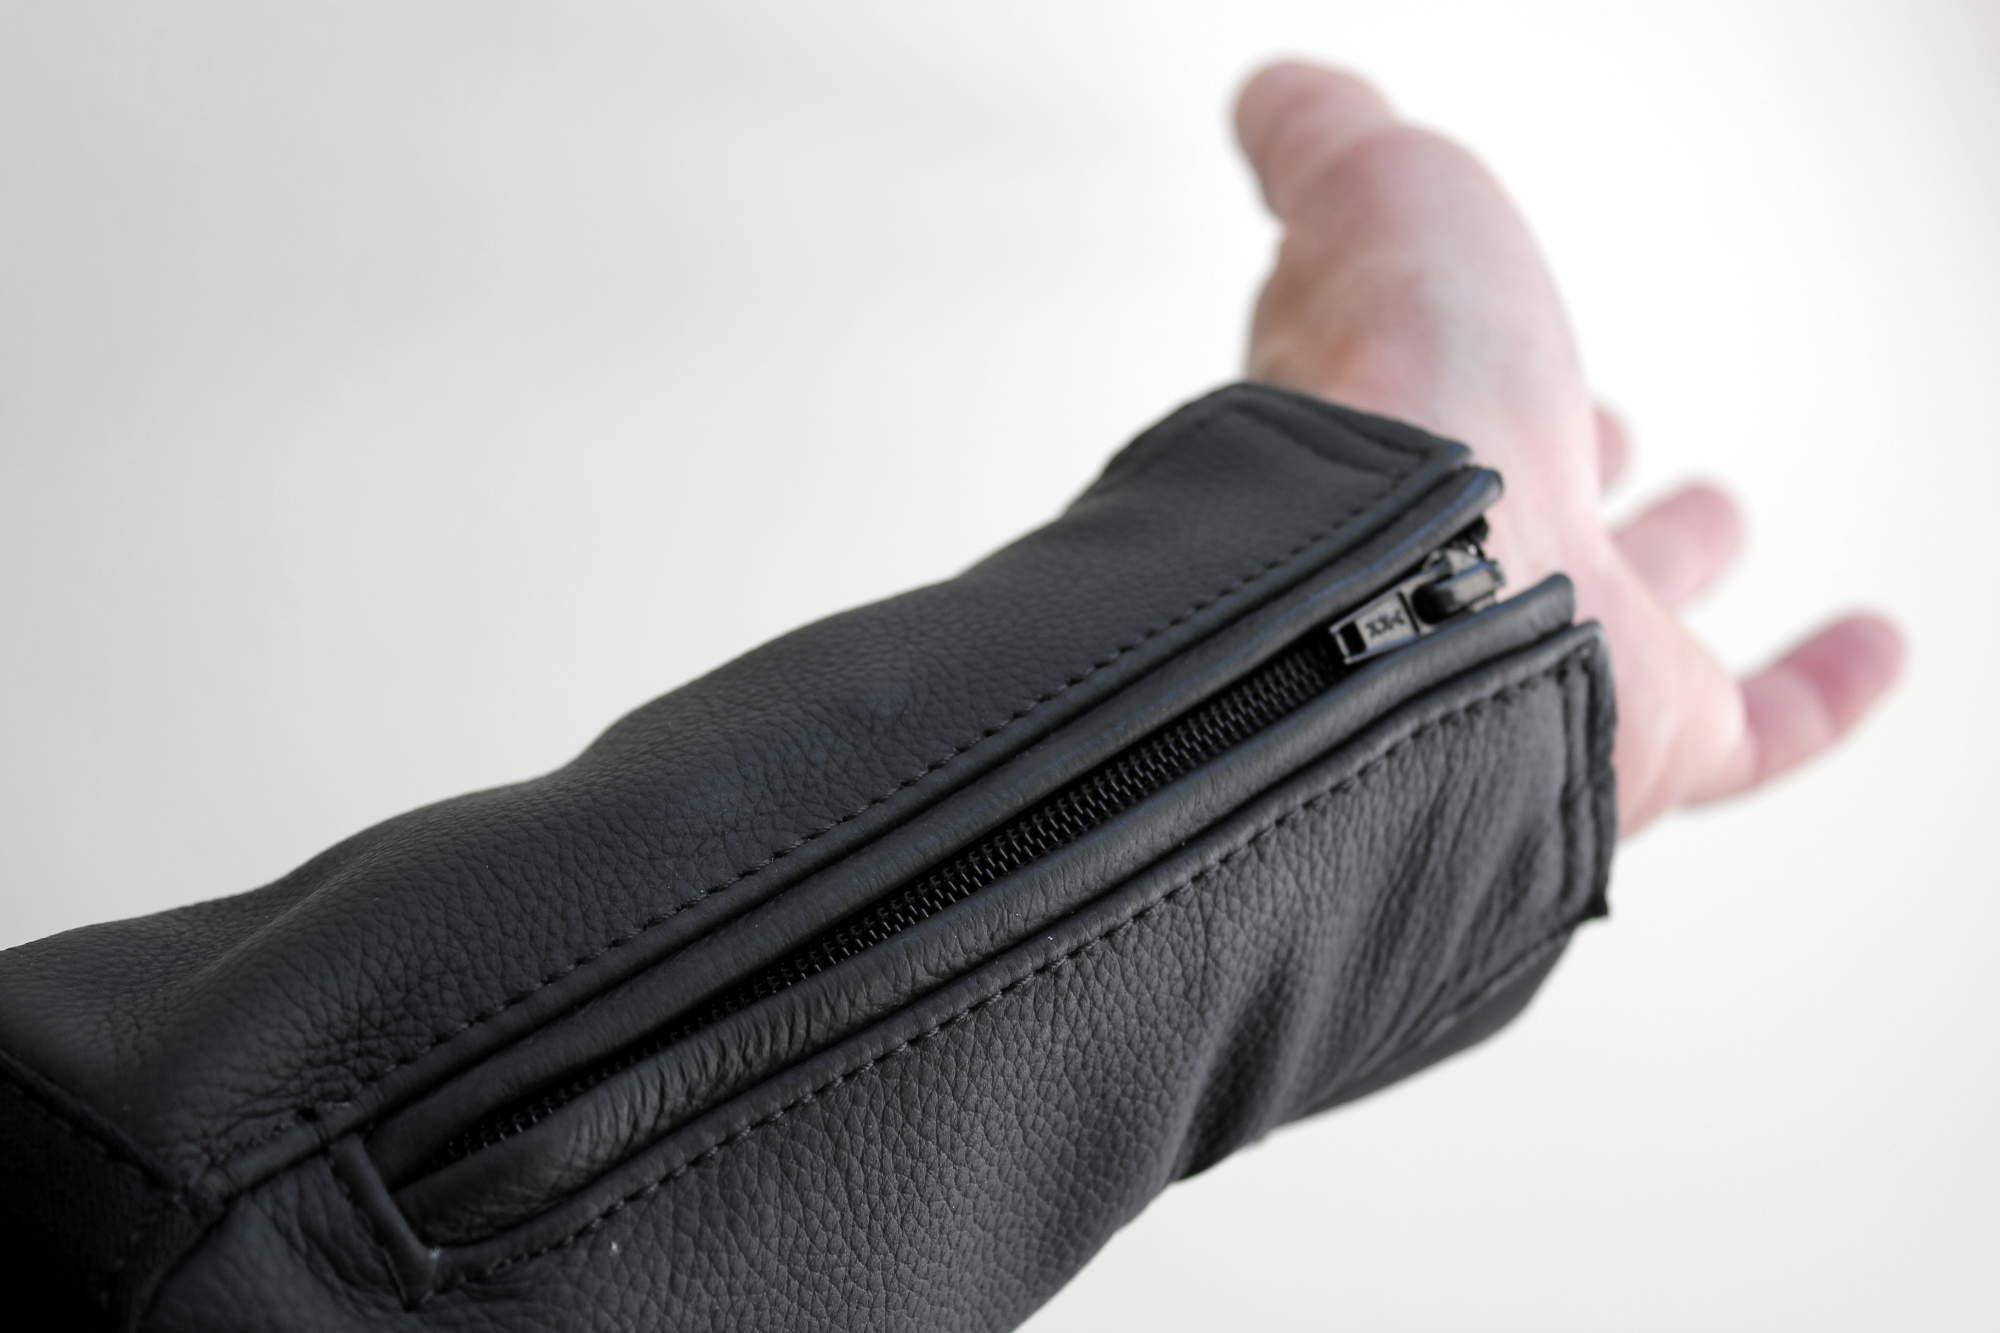 Ningún problema para pasar el puño por la manga gracias a la cremallera de apertura, pero se echa en falta un sistema de cierre